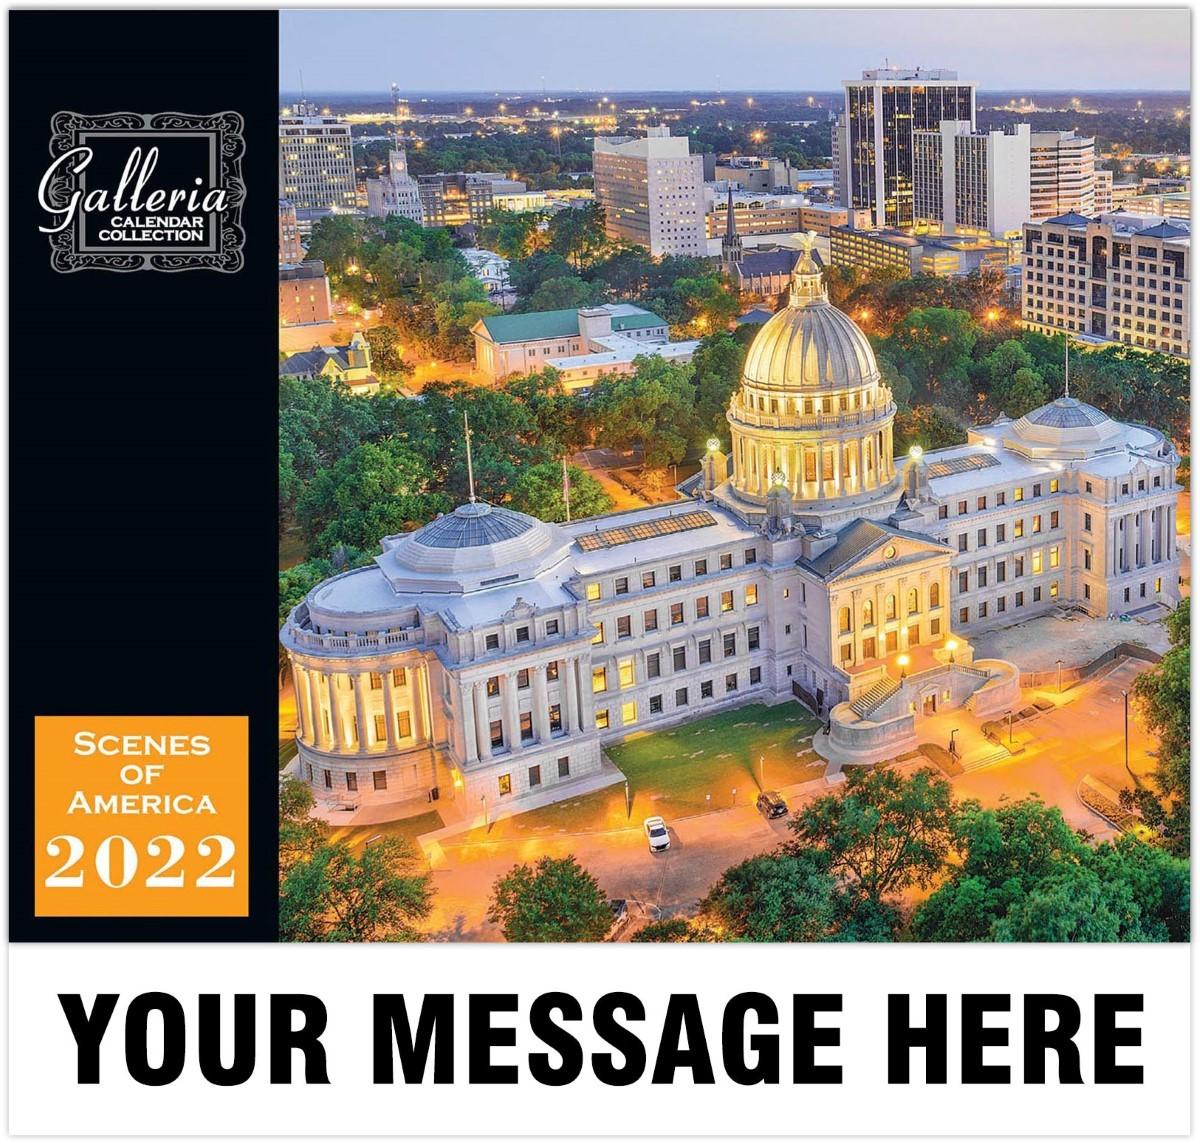 Galleria American Scenic - 2022